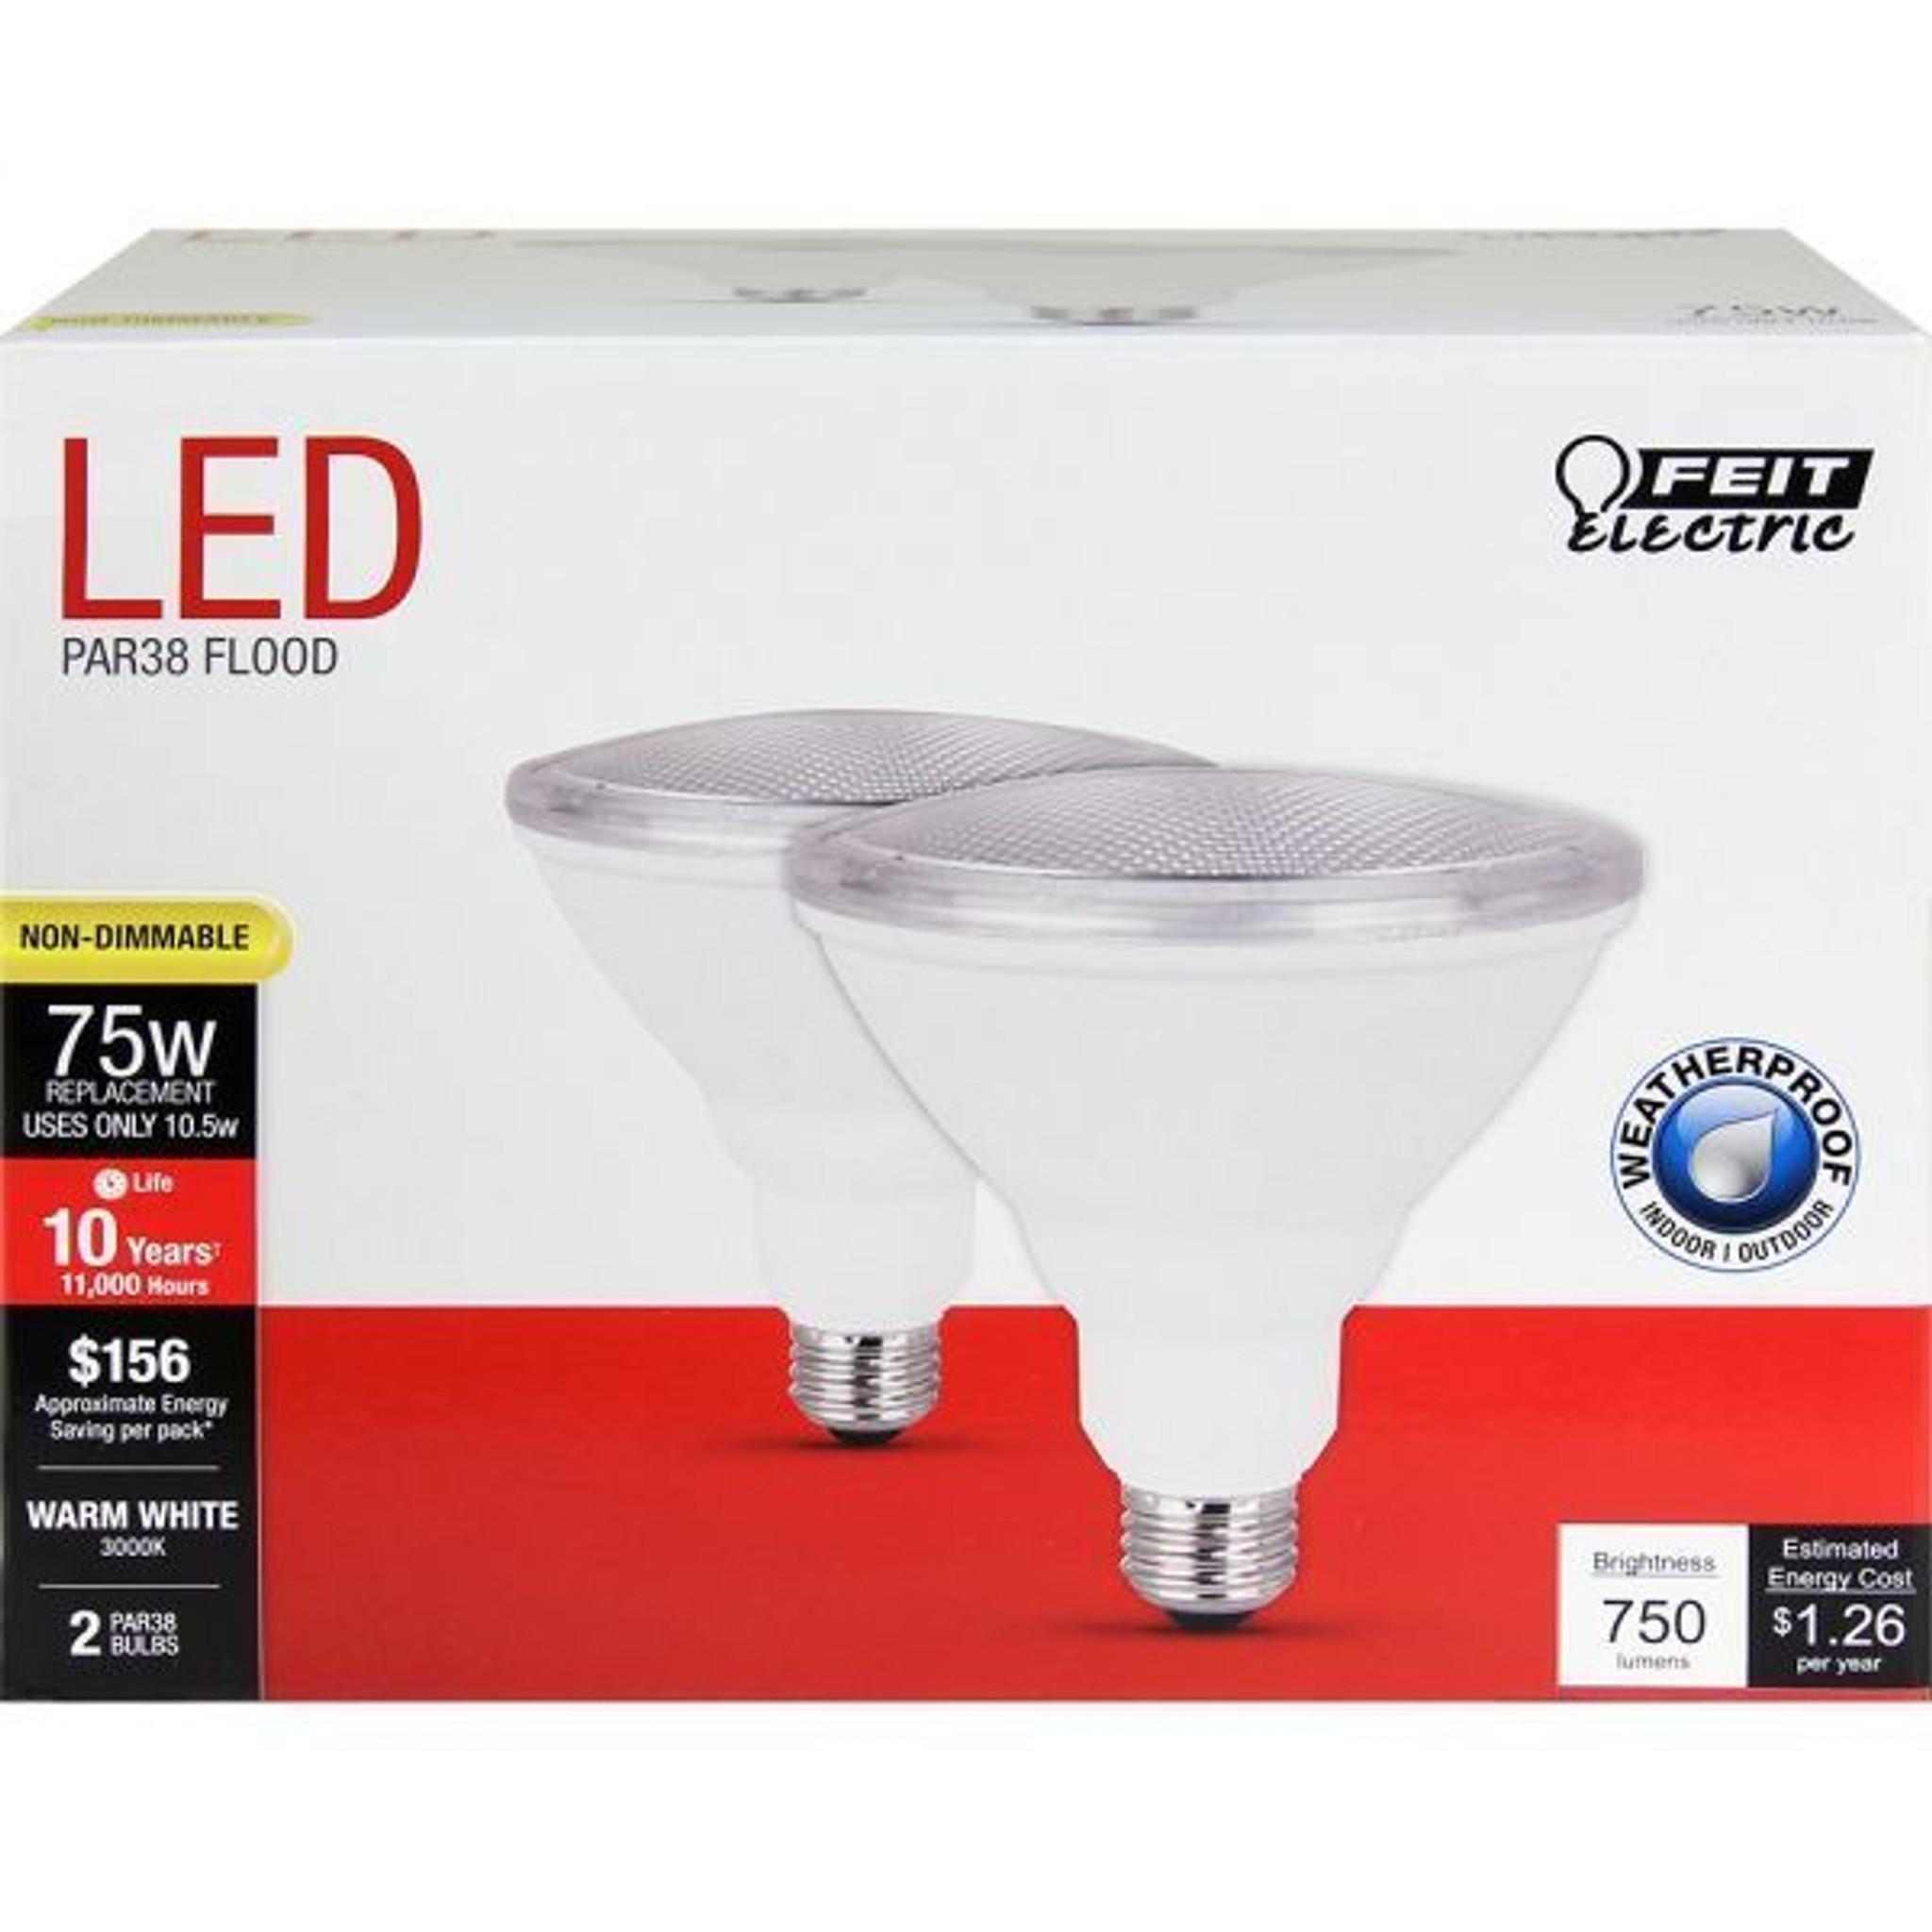 Feit Electric PAR3875/10KLED/2 10 5W LED PAR38 3000K 2-Pack